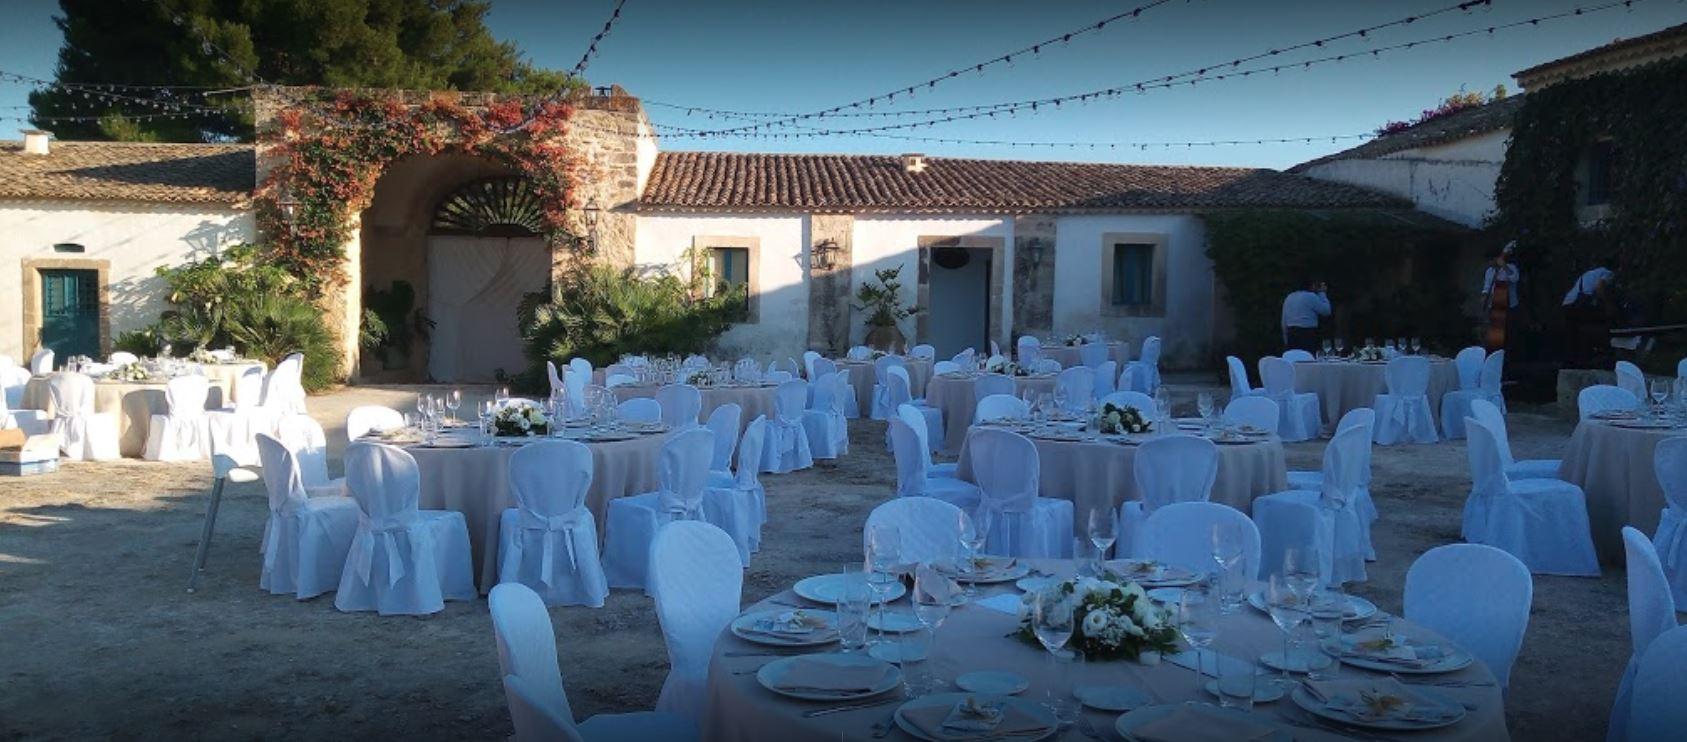 Commenda San Calogero: eventi e matrimoni immersi nella natura